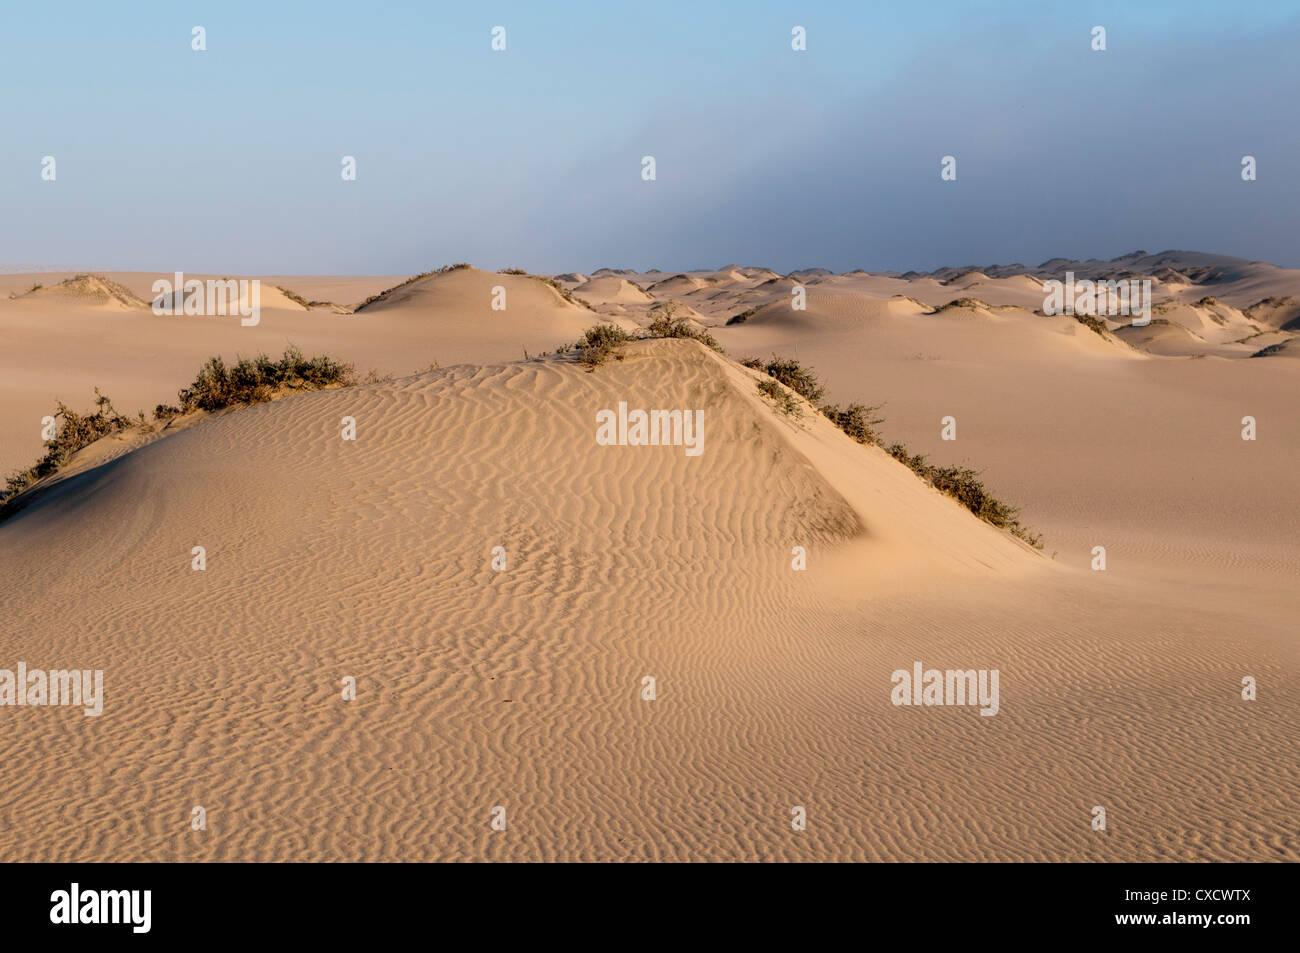 Sand dunes, Skeleton Coast National Park, Namibia, Africa - Stock Image